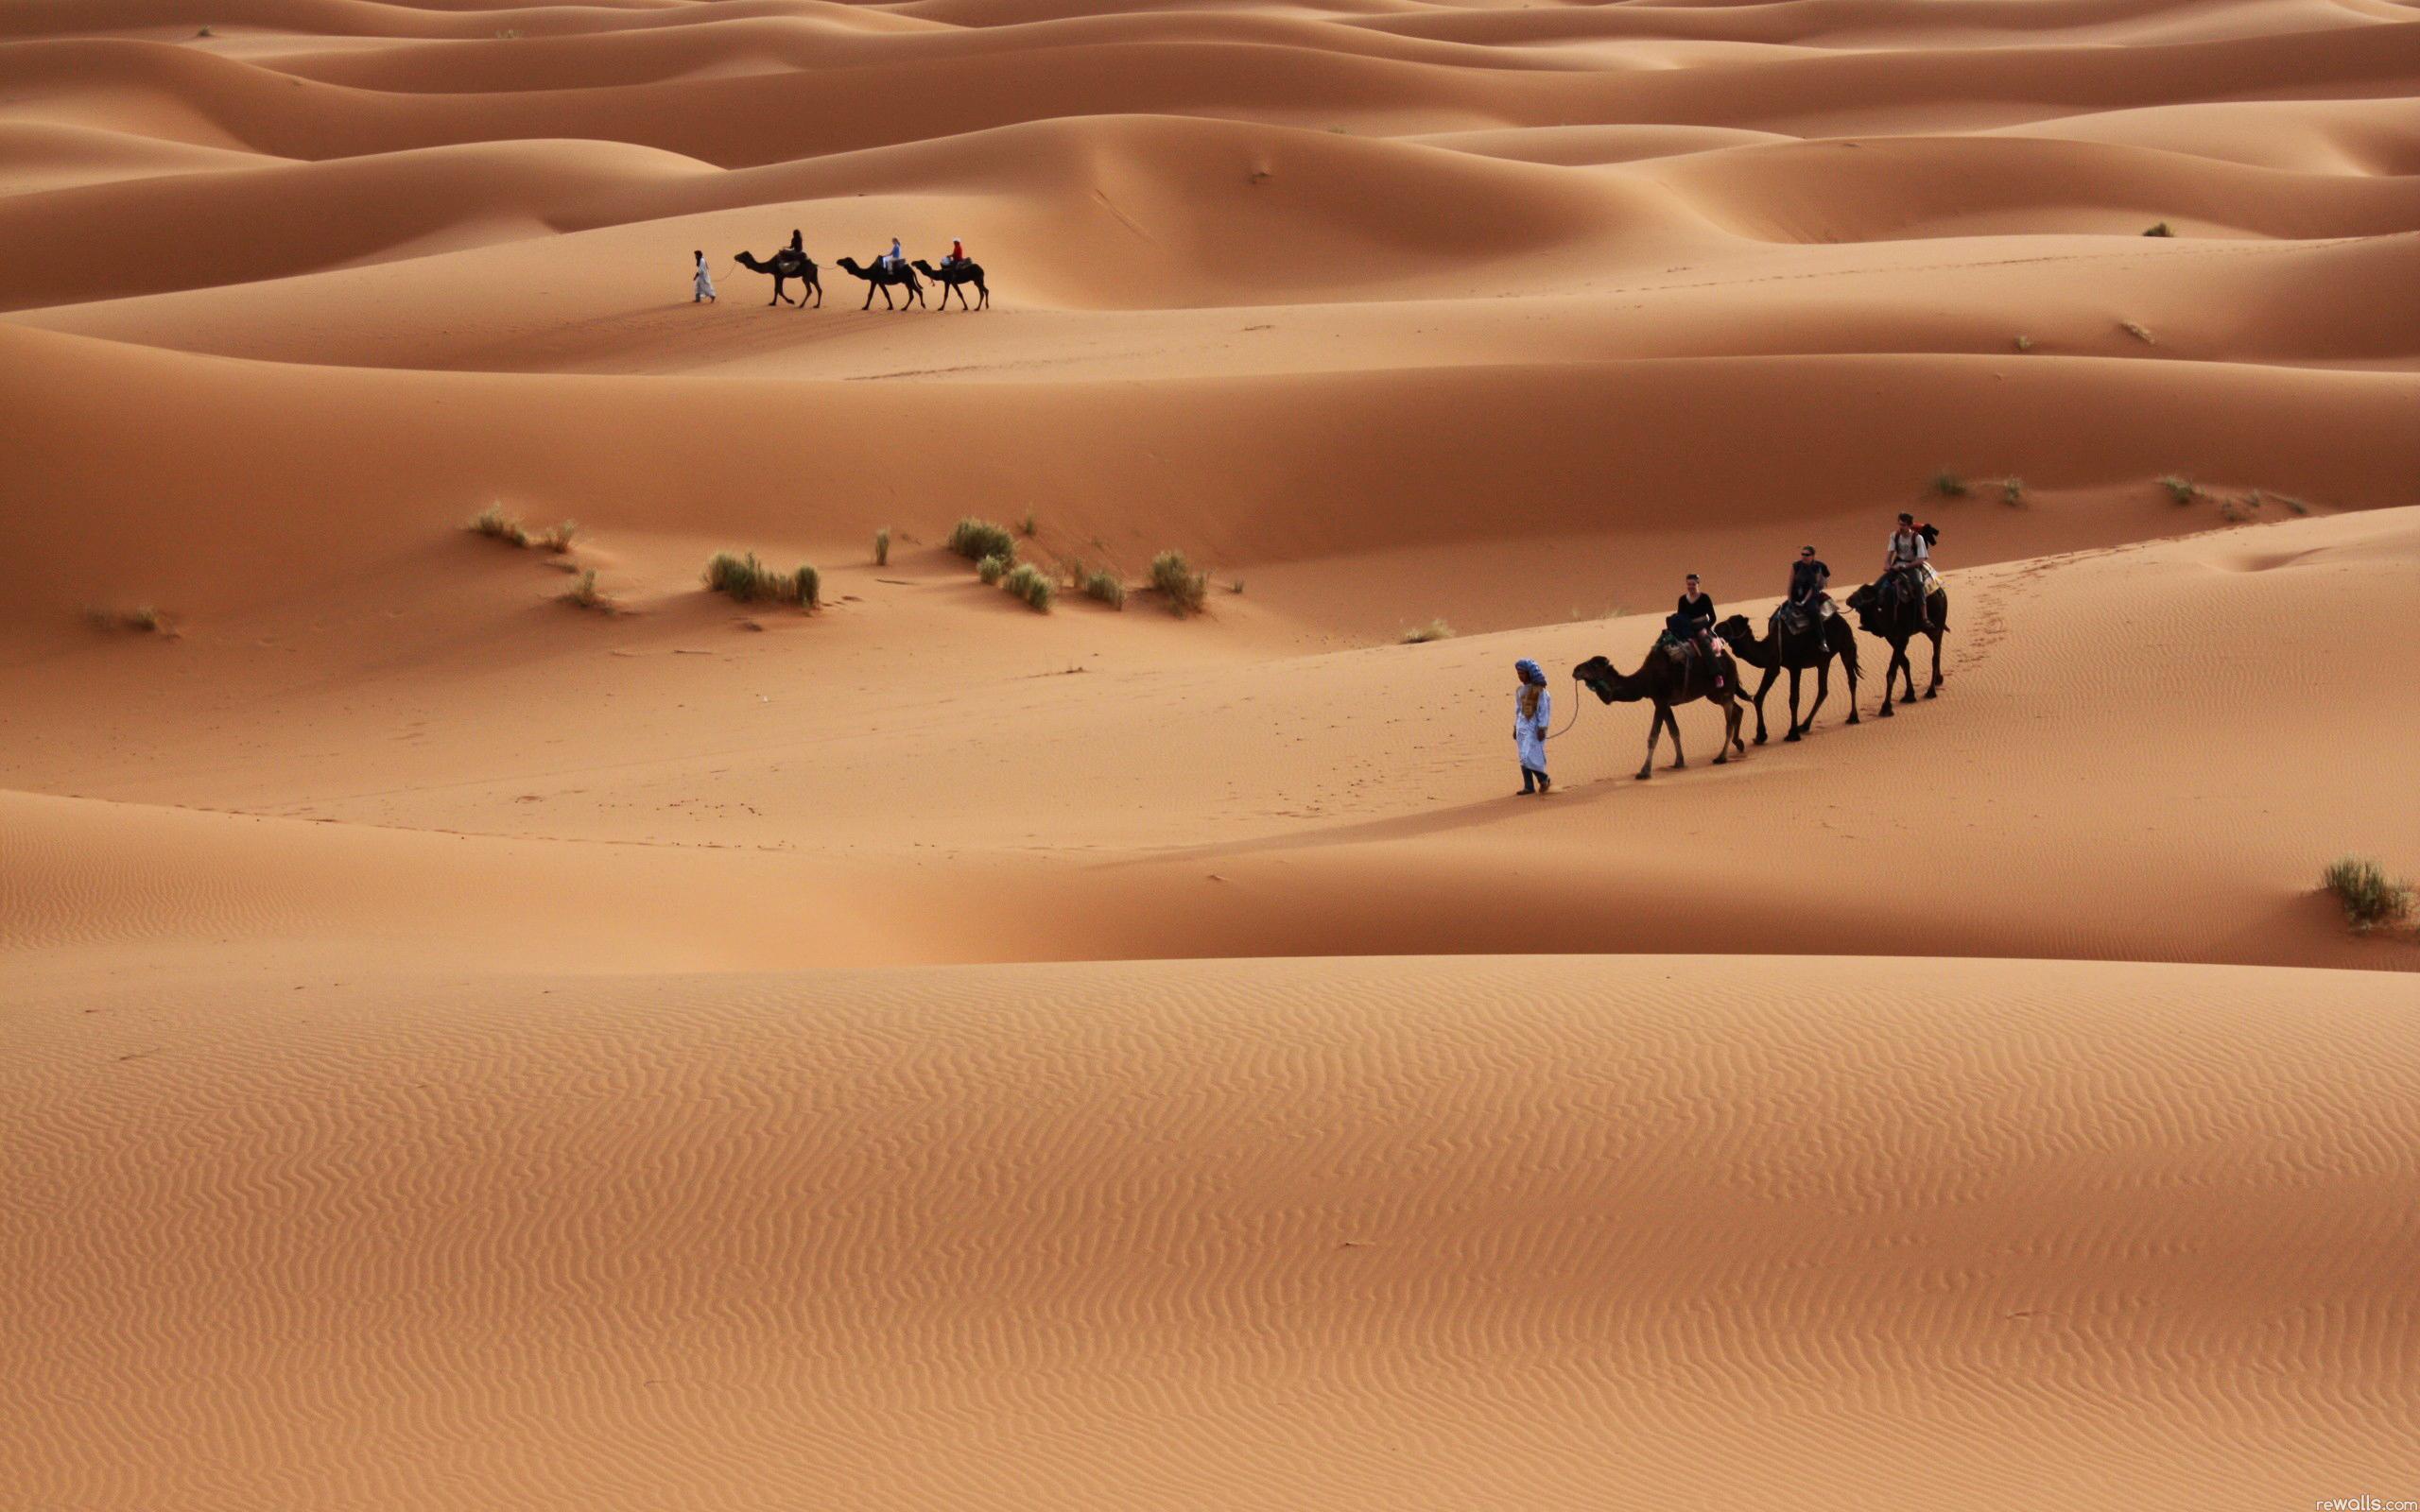 In The Desert clipart saudi arabia Sahara desert Desert Clipart Wallpapers